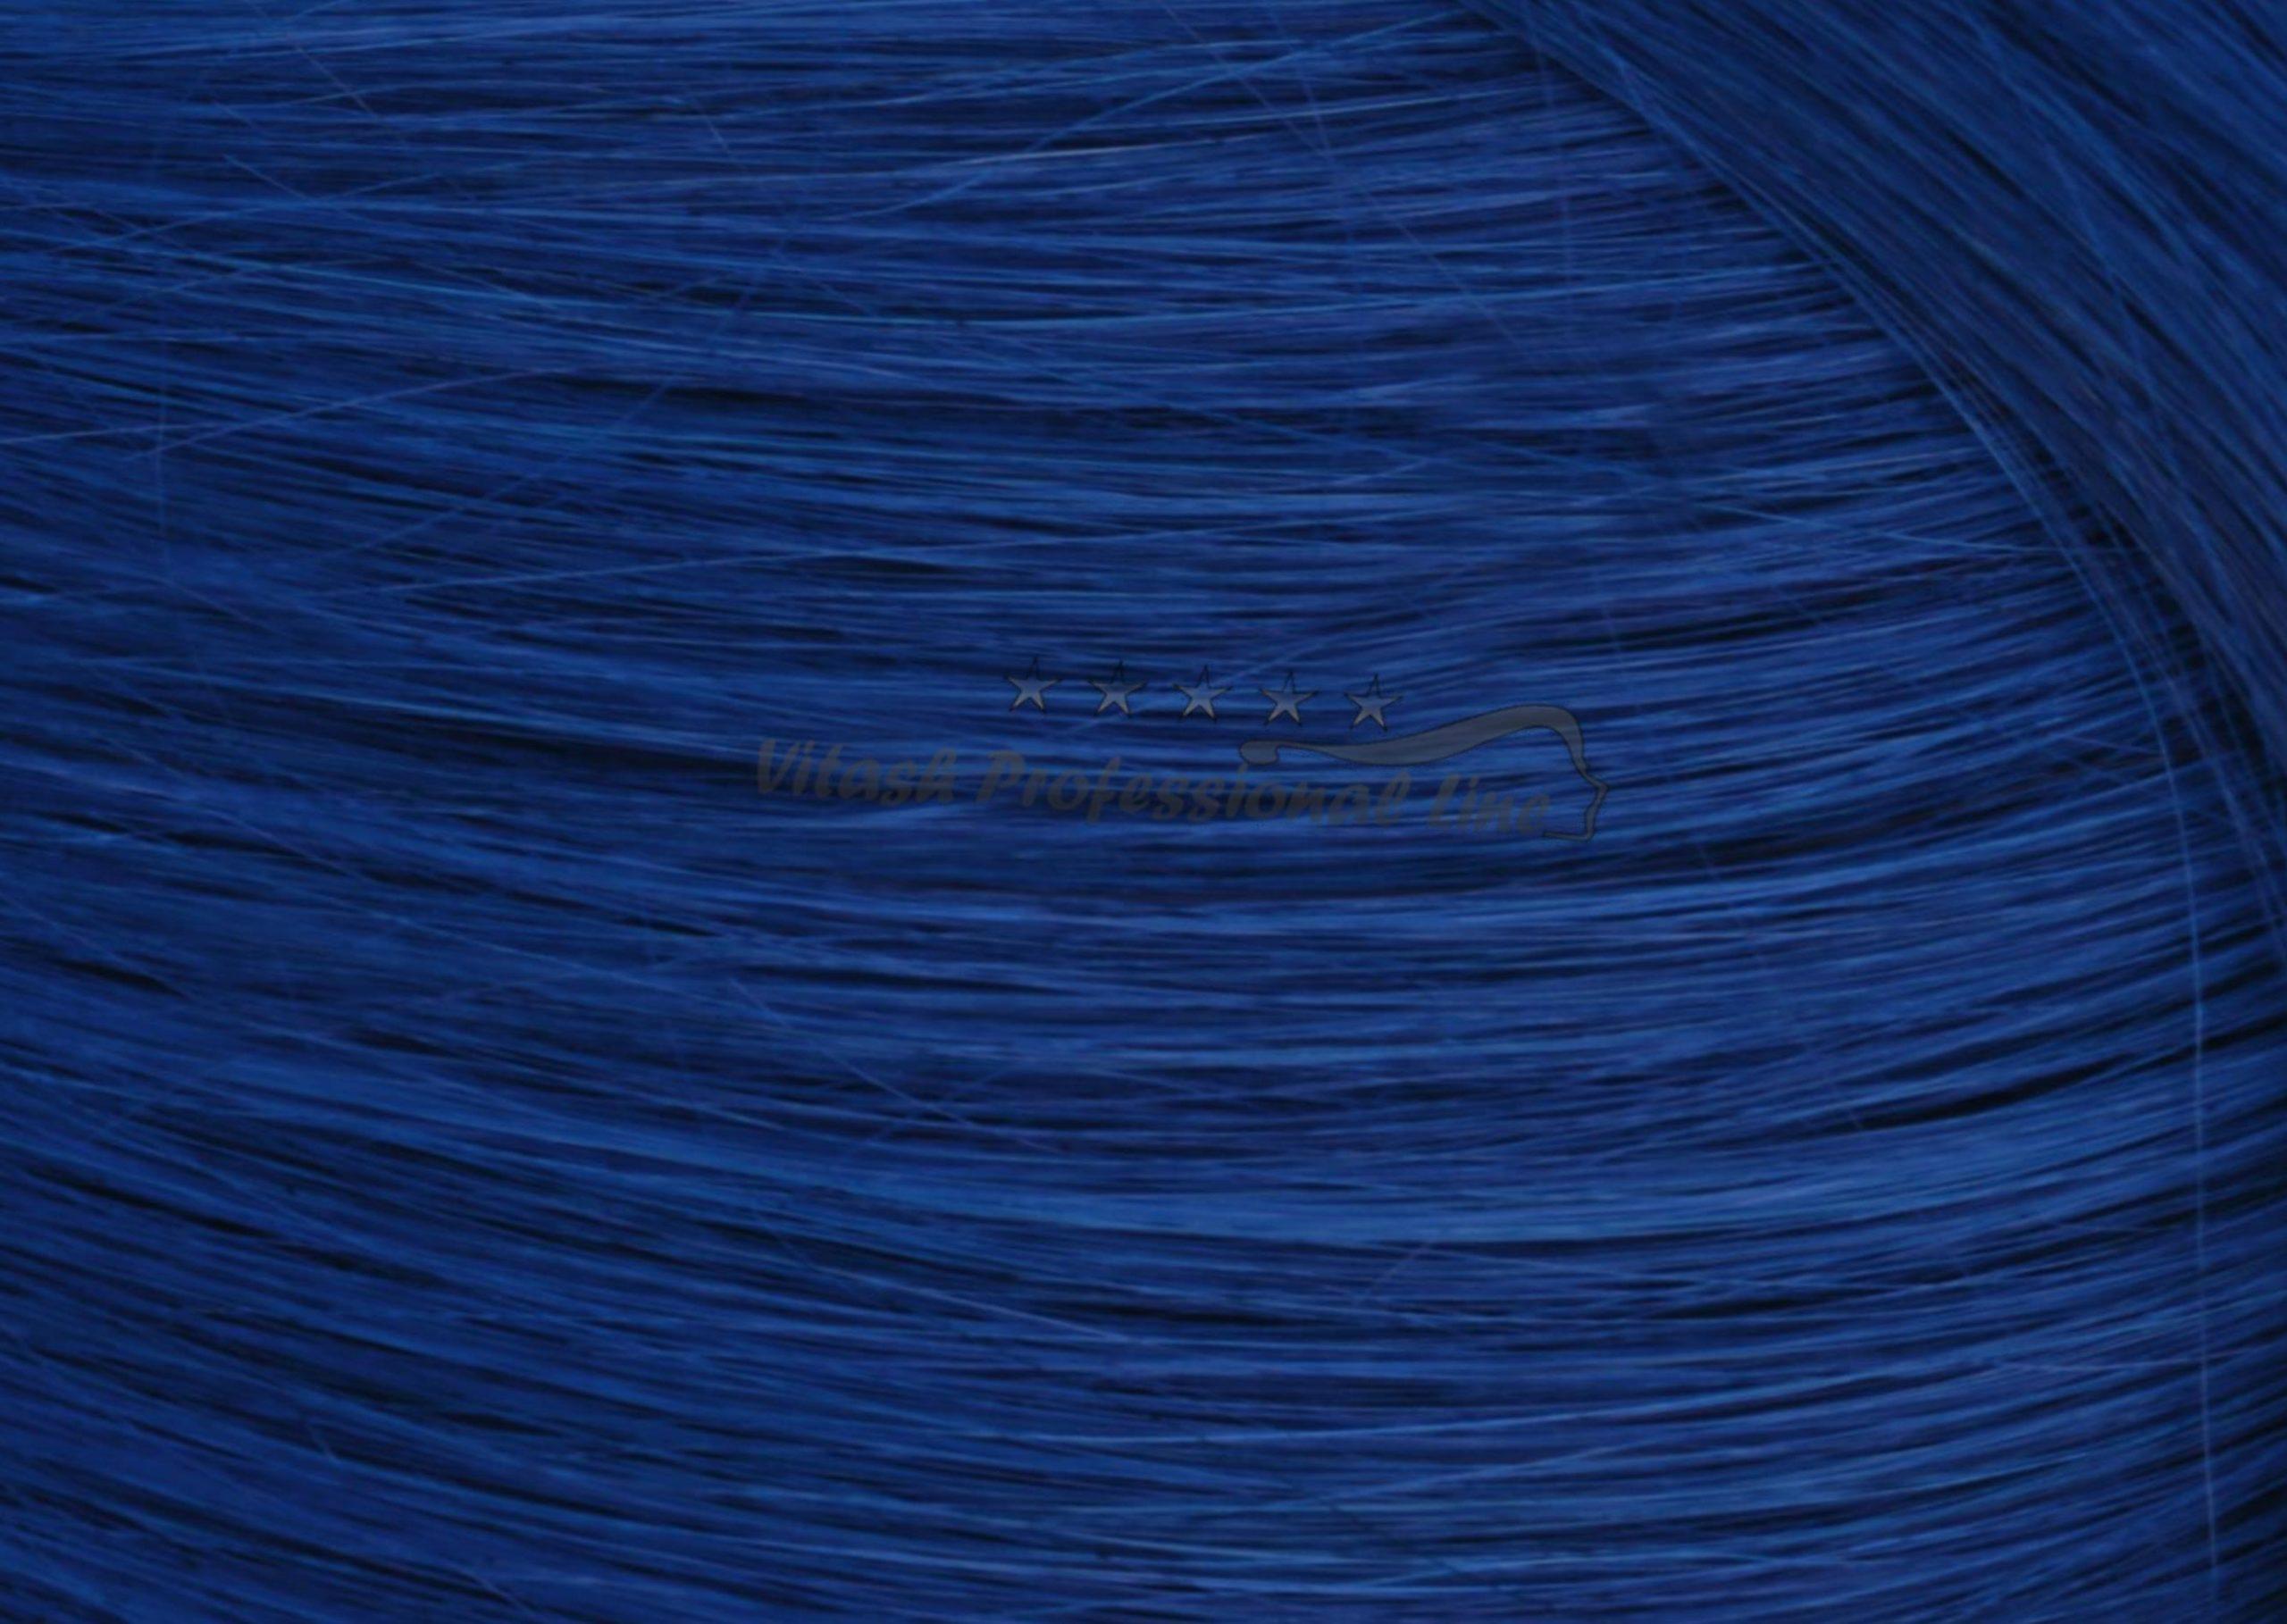 25 REMY indische Echthaar Strähnen - 1 Gramm pro Strähne # blau